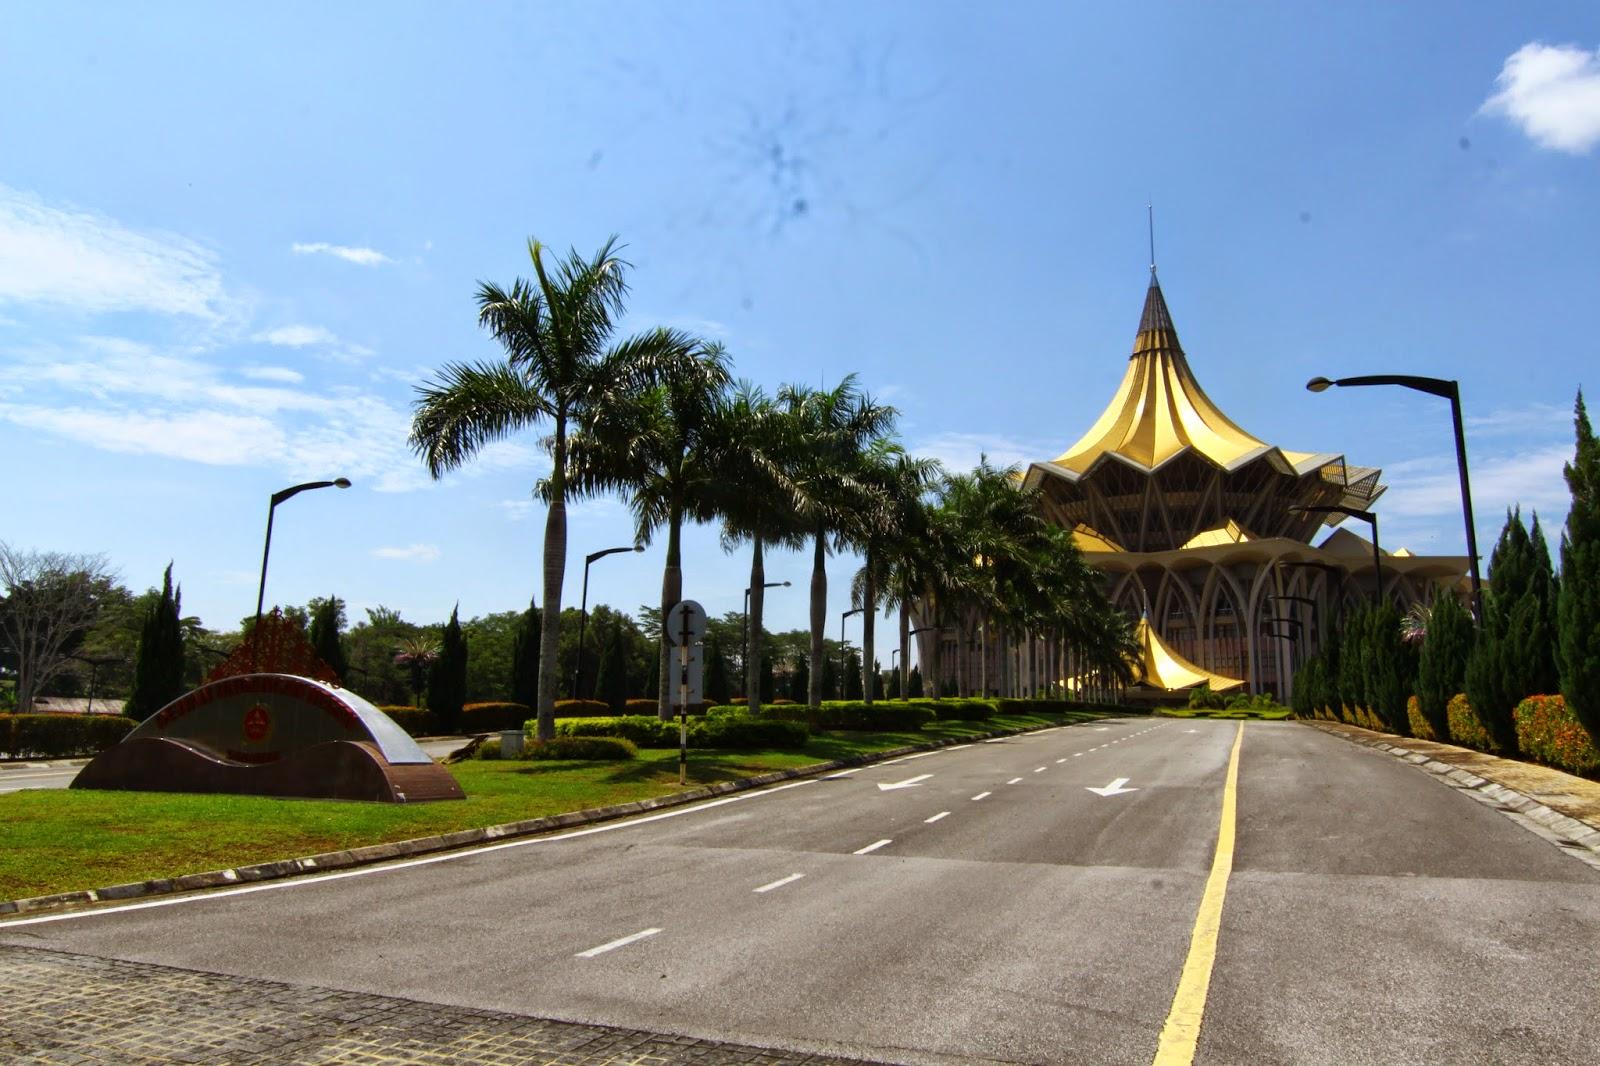 Dewan Undangan Negeri Sarawak